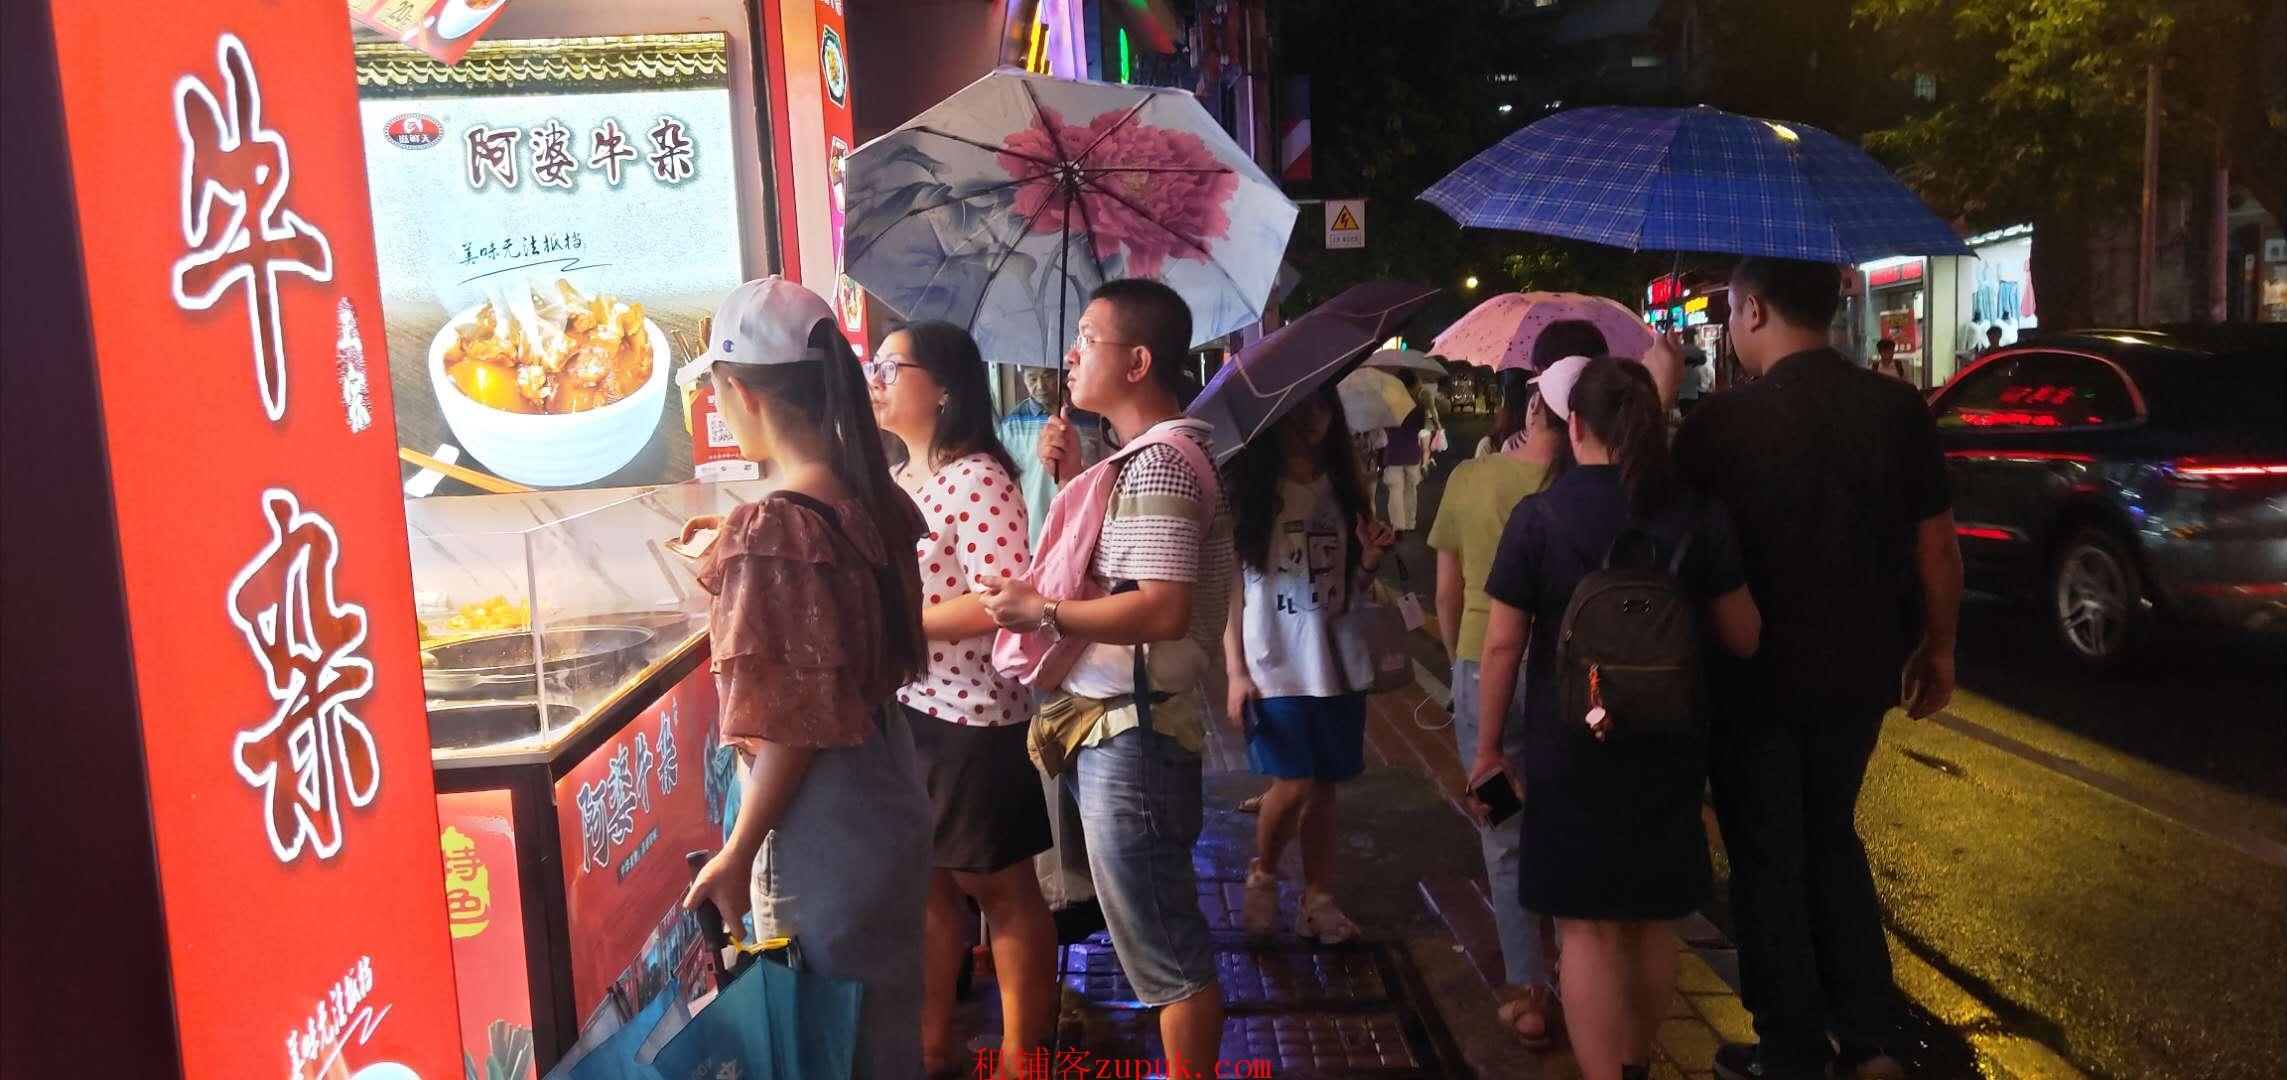 宝岗大道,街1楼小吃店,门口人超多,生意好,业态不限